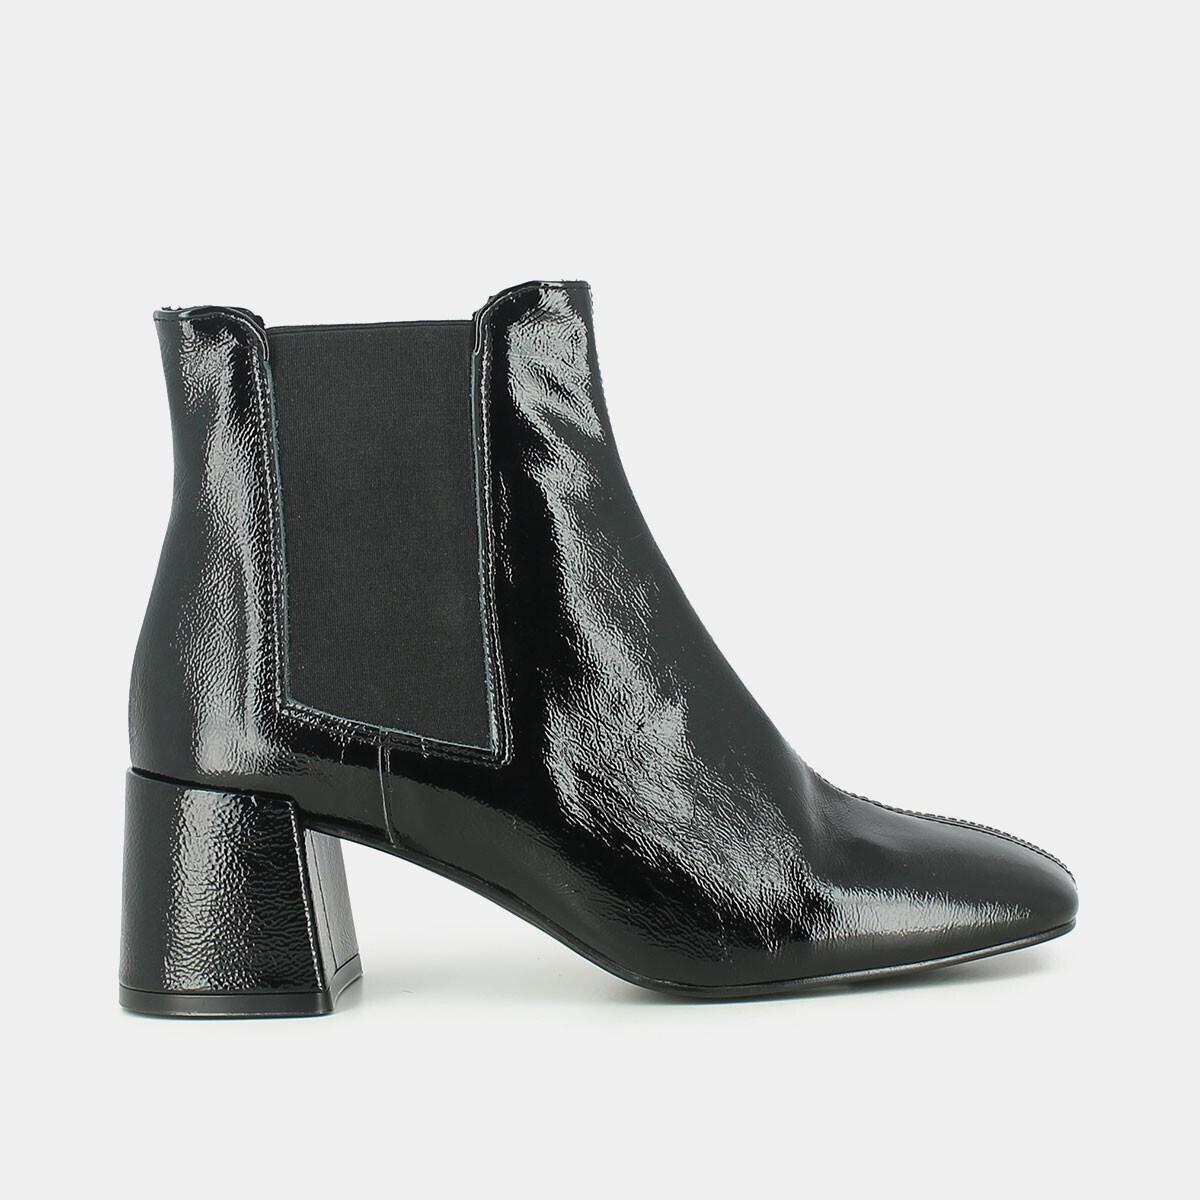 100% de qualité supérieure une performance supérieure Nouvelles Arrivées Black patent leather ankle boots , with elasticated panel JONAK